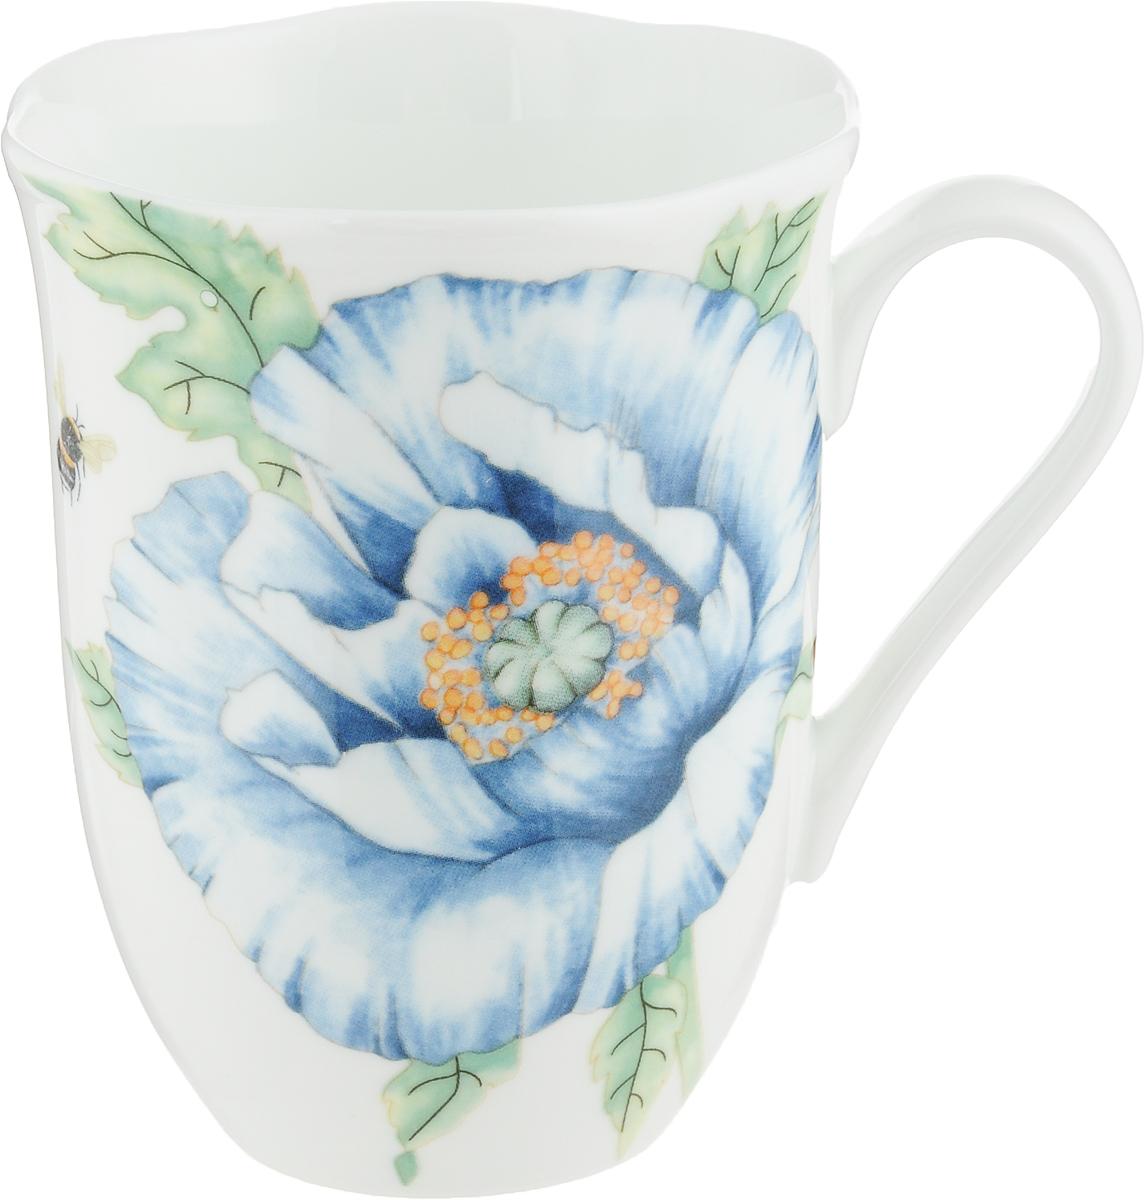 Кружка Royal Aurel Шарм, цвет: белый, голубой, 350 мл1152Фарфор Royal Aurel отличается исключительной белизной, что объясняется уникальными компонентами и традиционной технологией, по которой он был изготовлен. Белая глина из провинции Фуцзянь и традиционные рецепты китайских мастеров создают неповторимую композицию. Дизайн коллекций выполнен в соответствии с актуальными европейскими тенденциями. Материал: костяной фарфор.